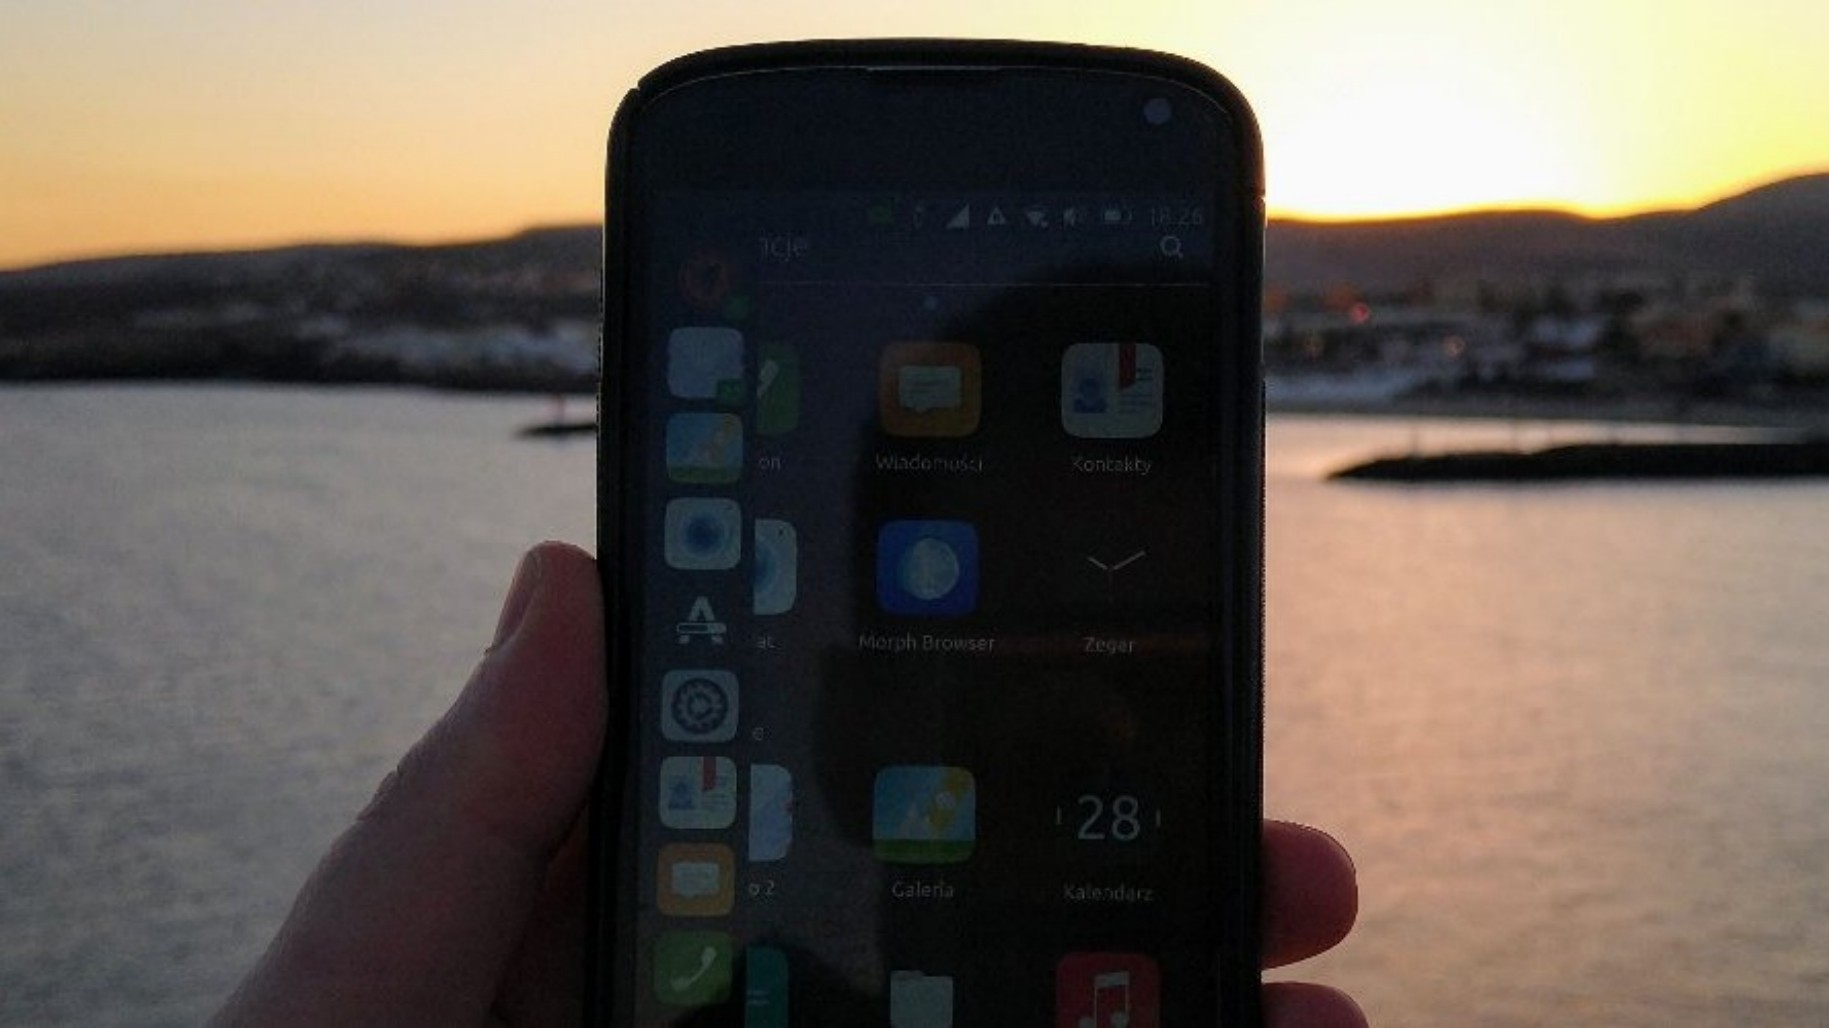 Nexus 4 with Ubuntu Touch